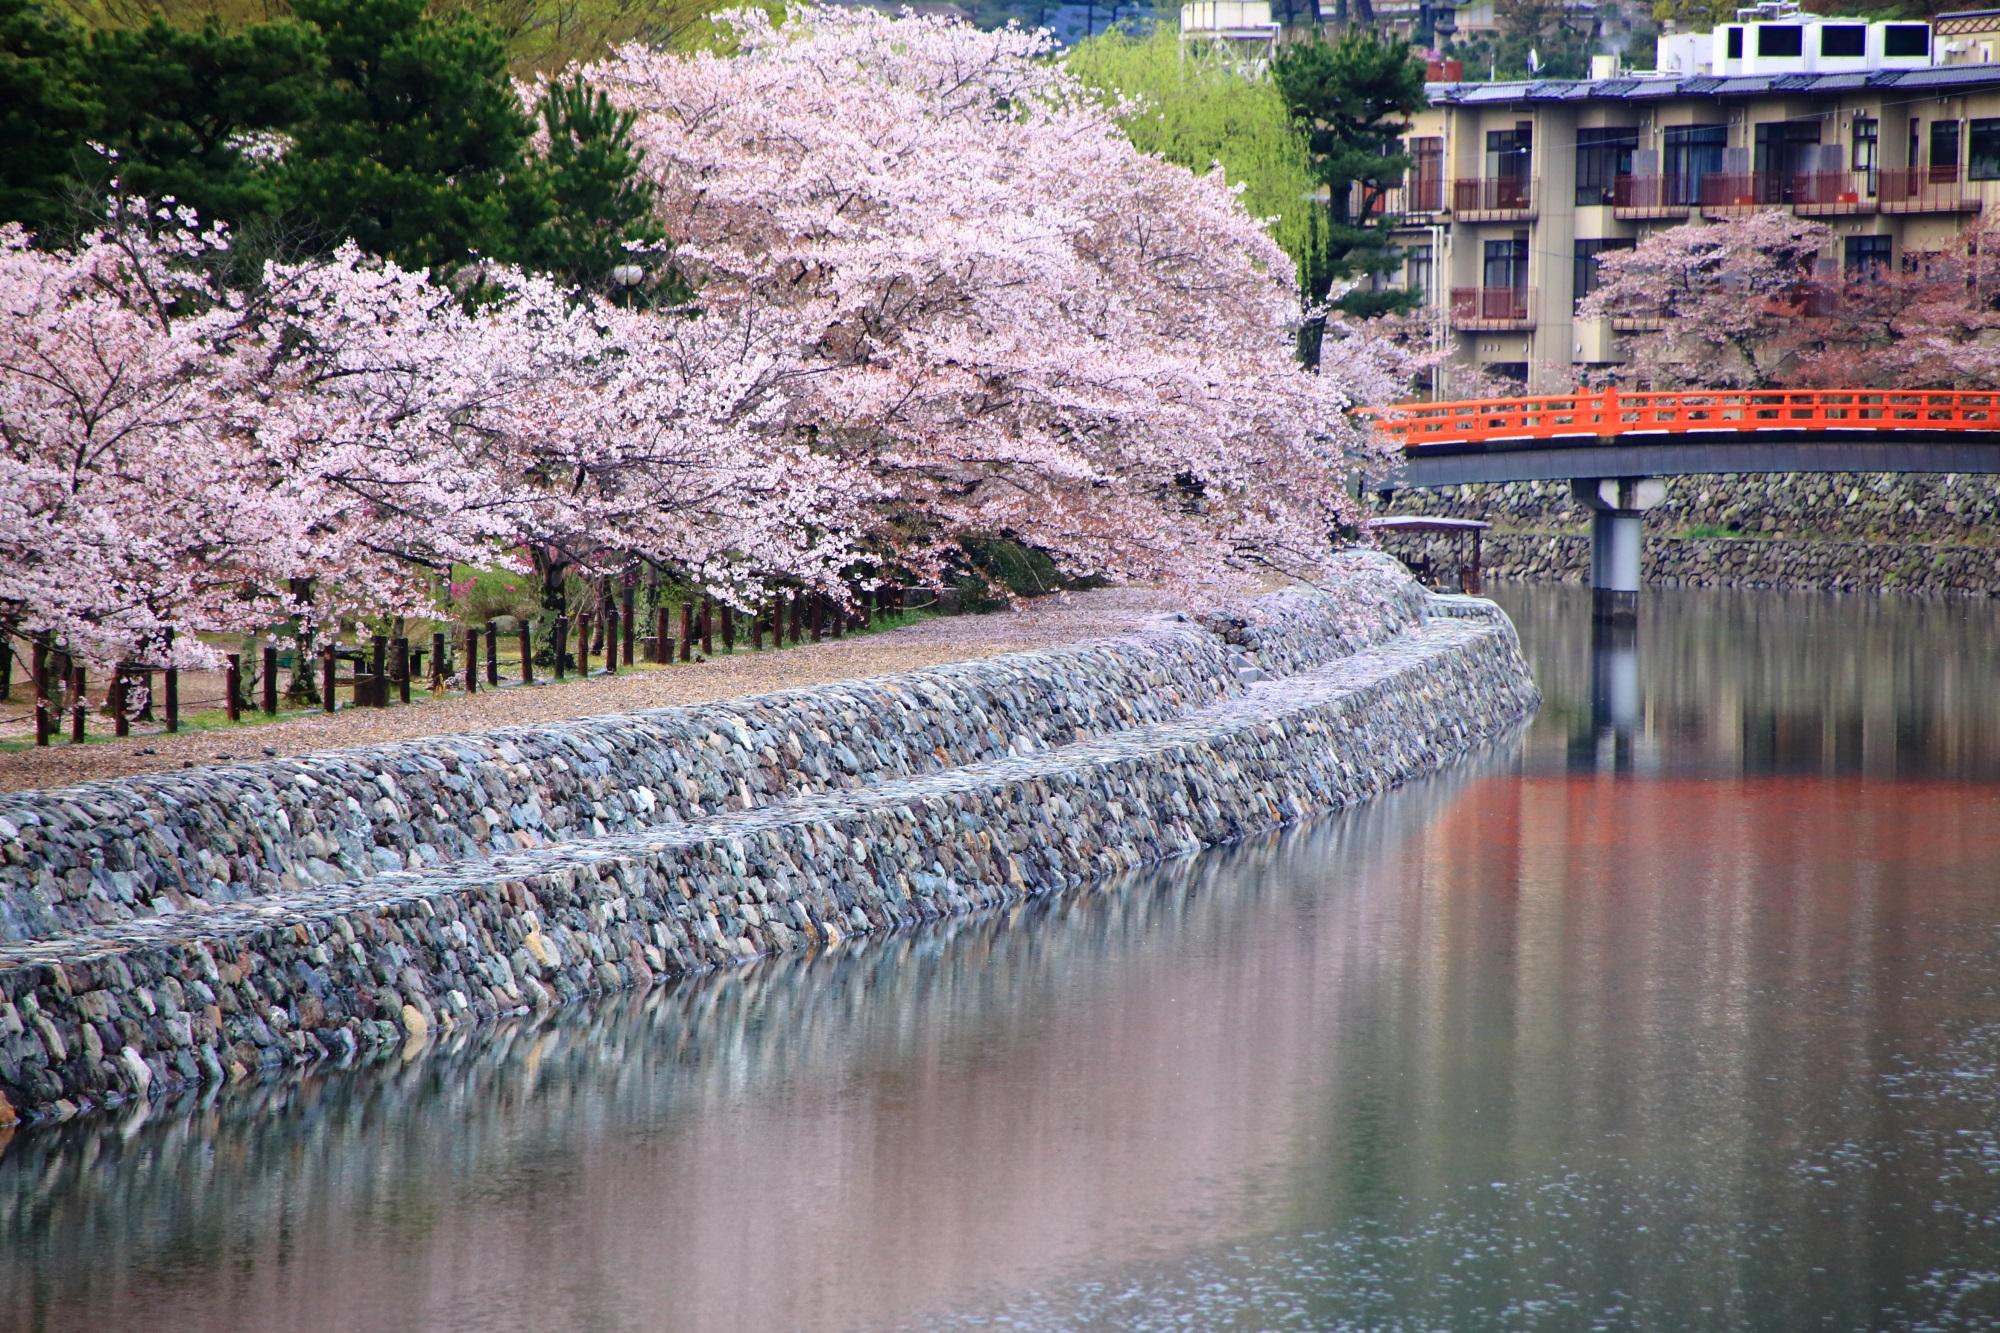 弾け飛びそうな桜と宇治川の美しい桜の水鏡